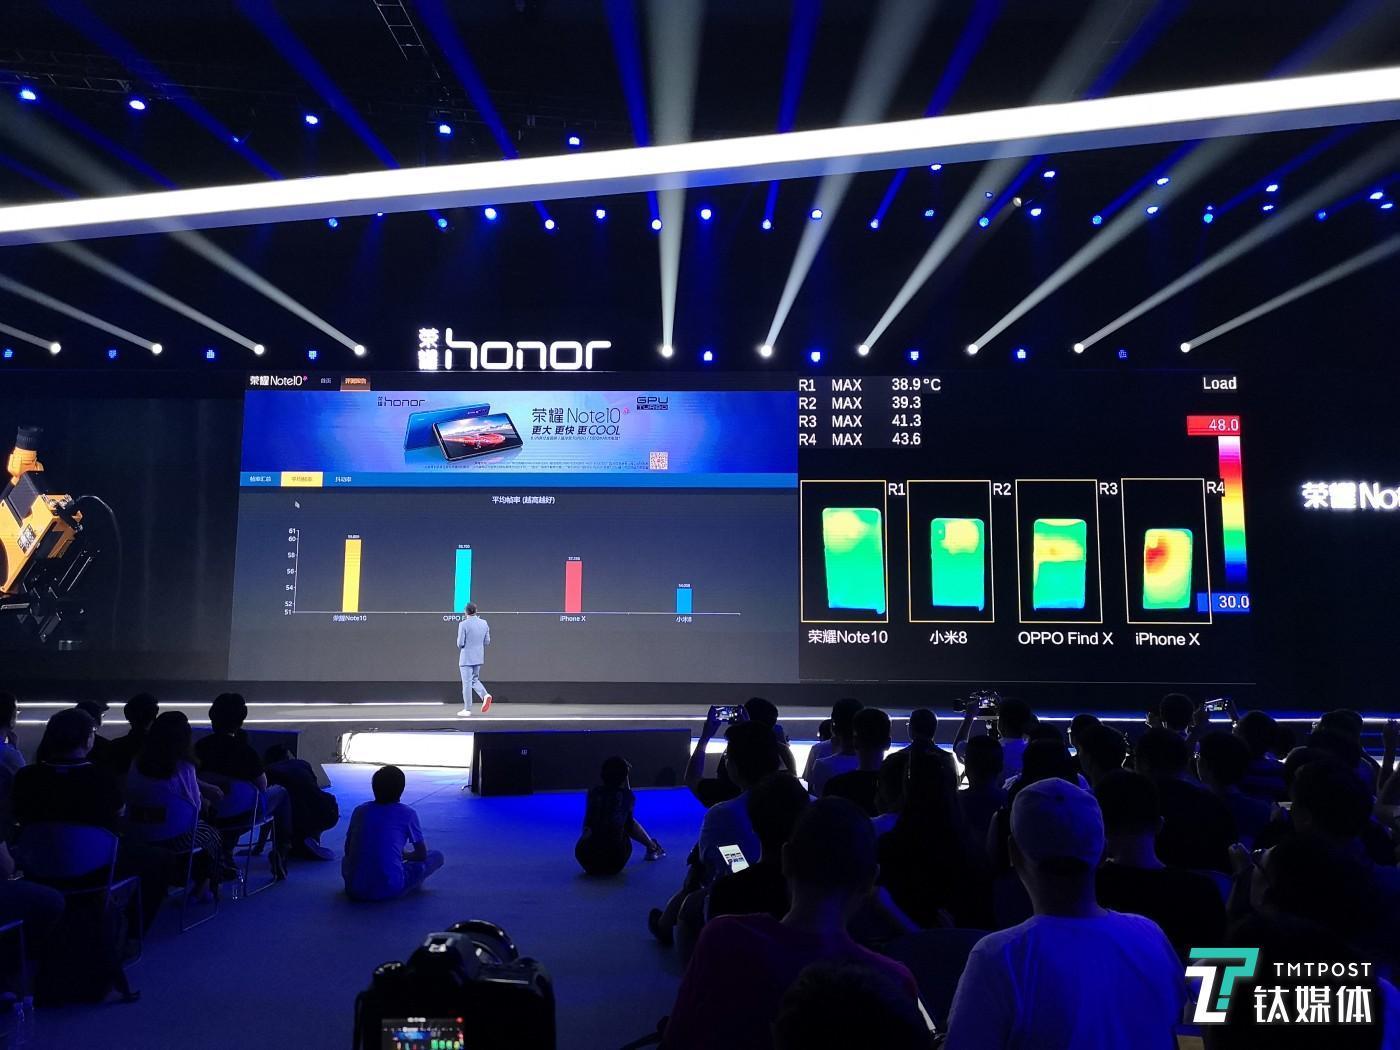 荣耀Note10和竞品游戏数据对比